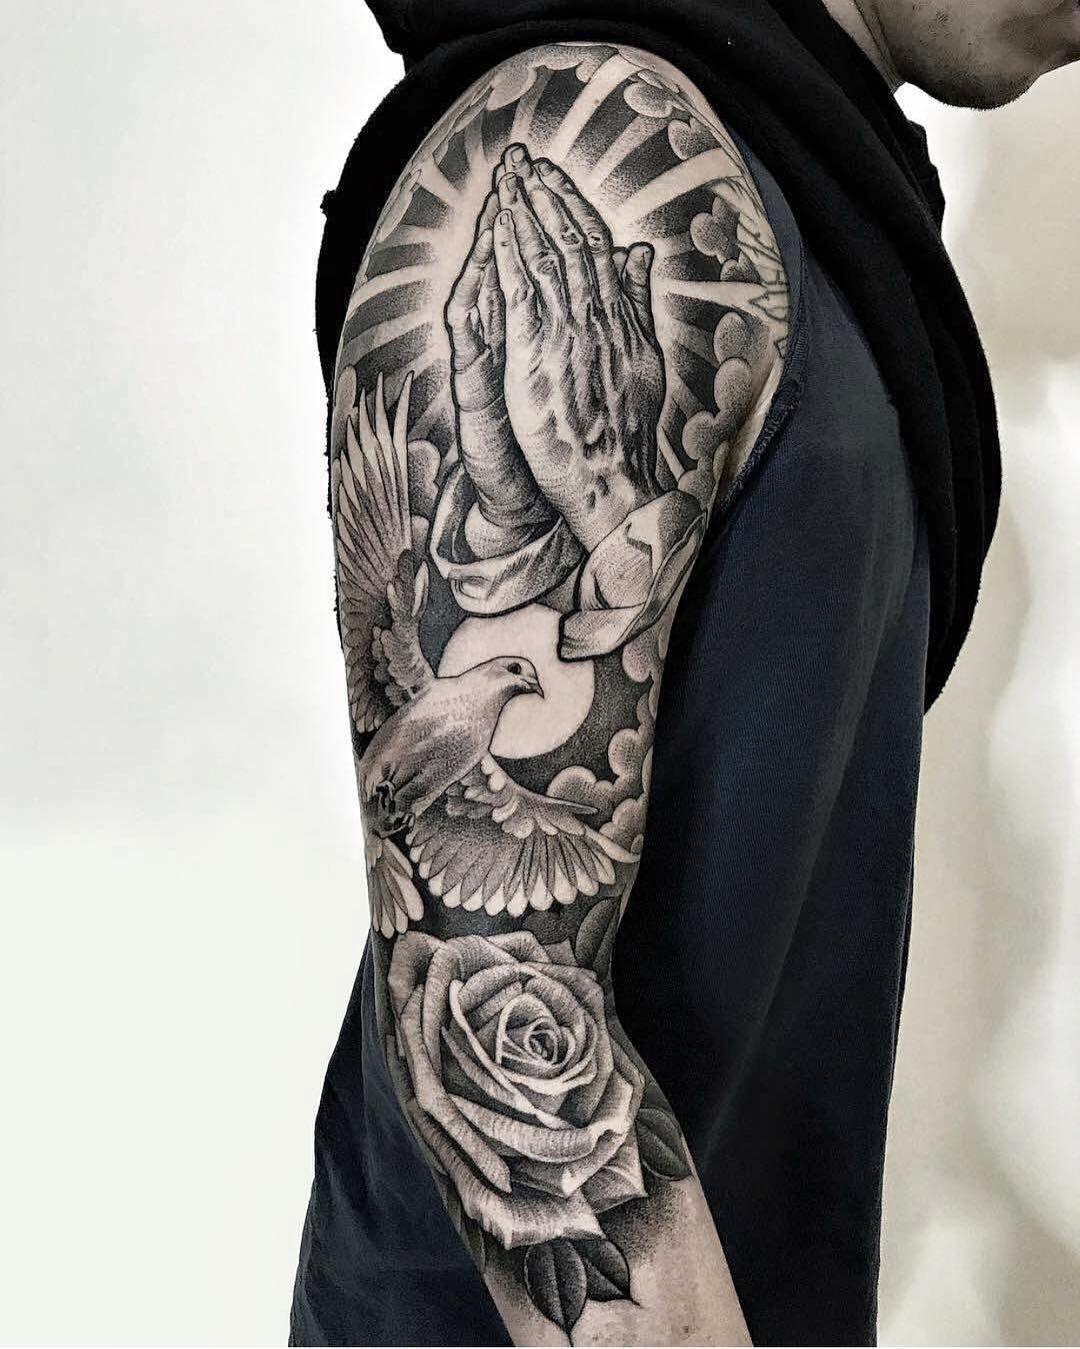 Tattoo by @lilbtattoo